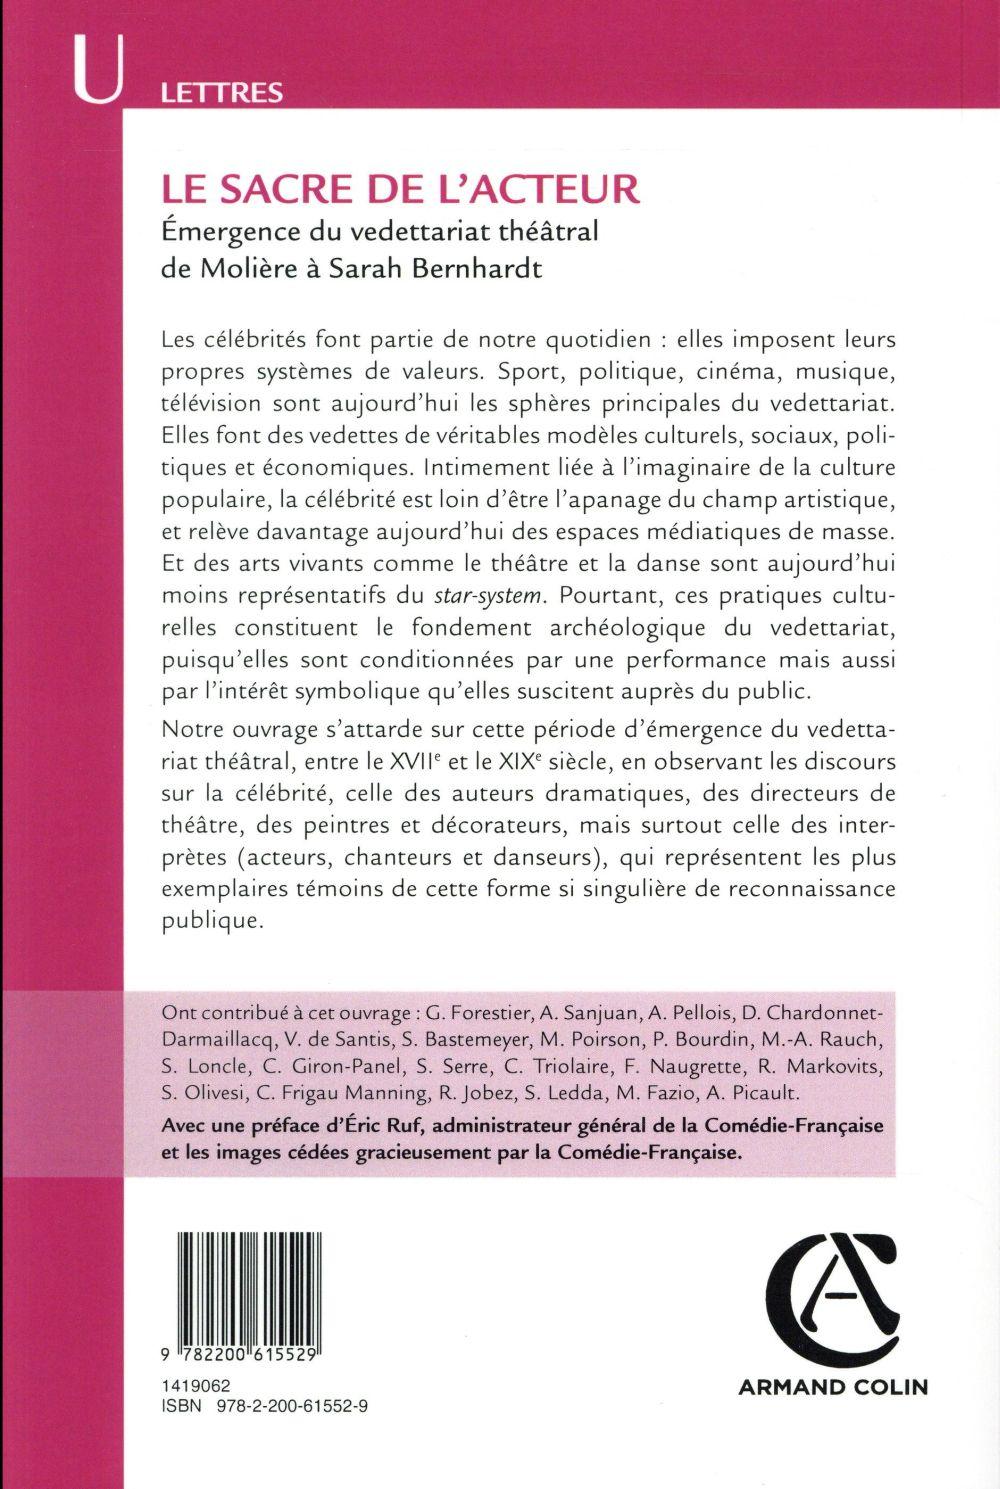 Le sacre de l'acteur ; genèse du vedettariat théâtral de Molière à Sarah Bernhardt